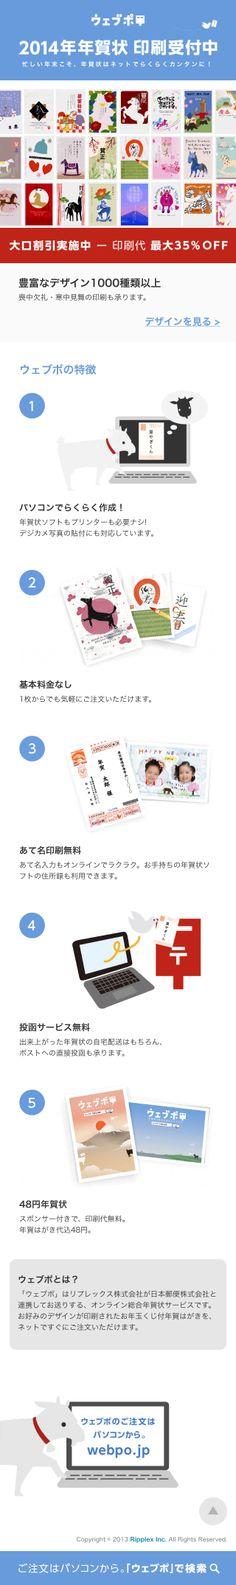 http://webpo.jp/sp/